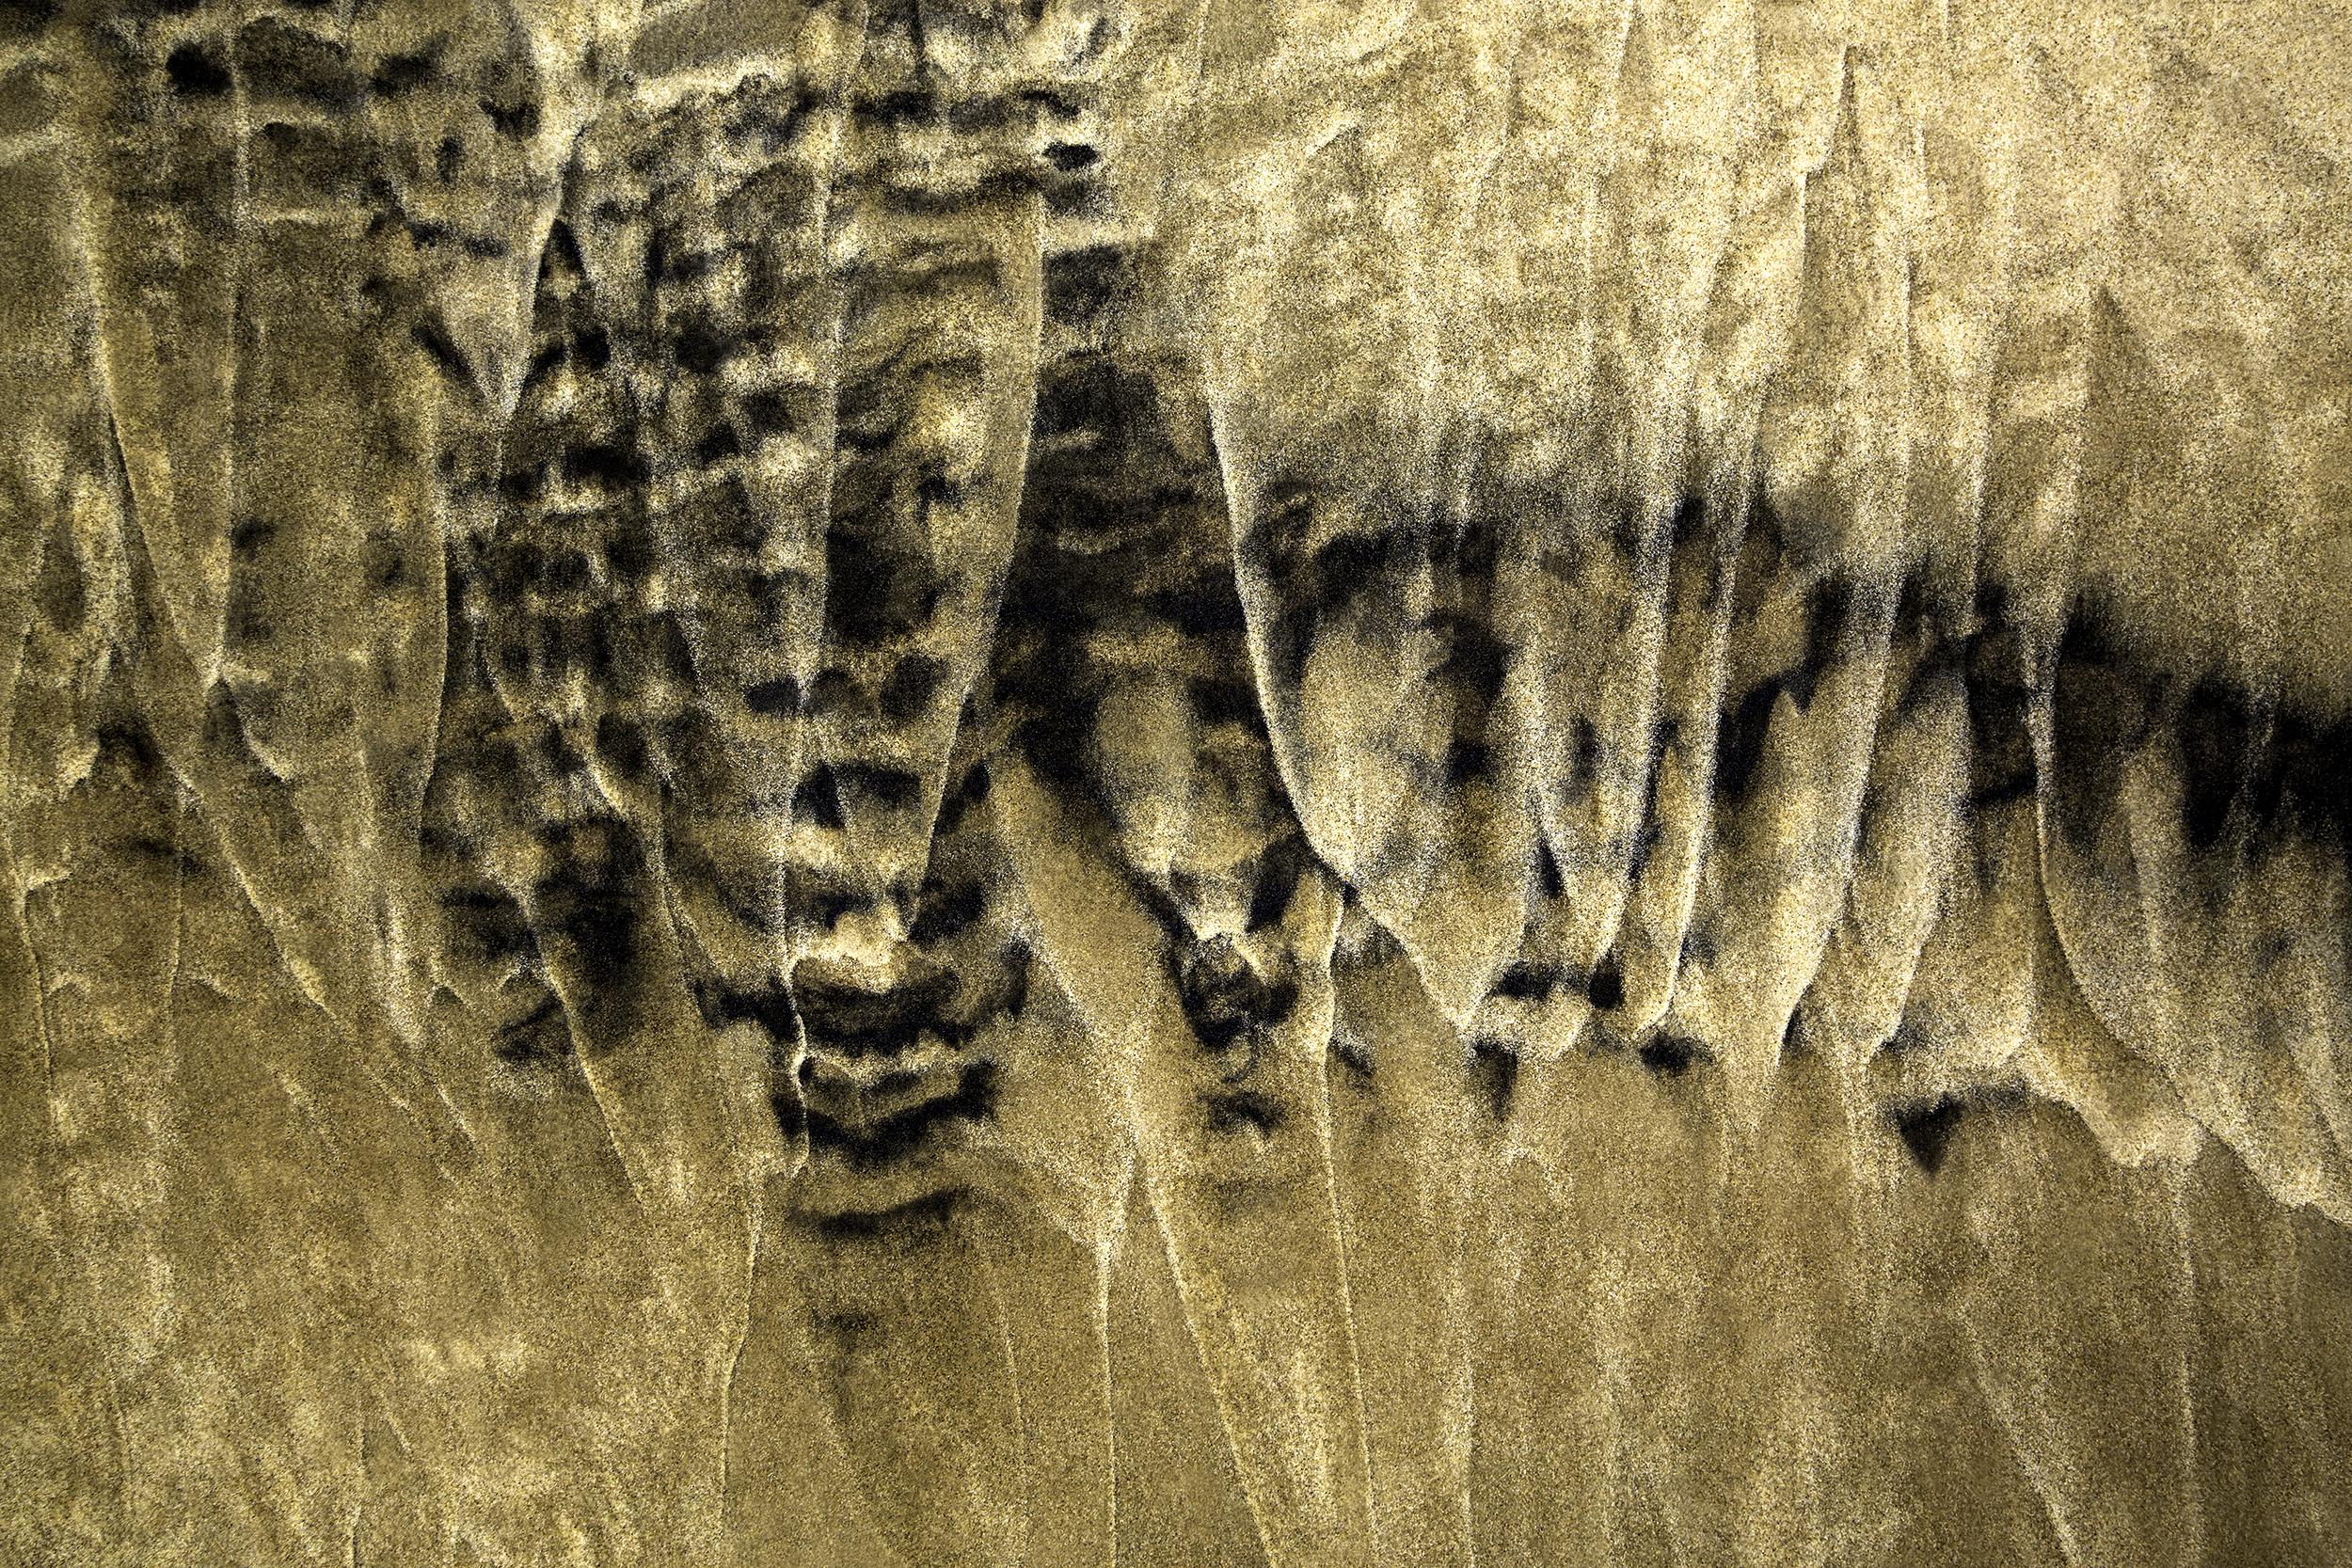 Terra Tracing 12, 2015, Hahnemuele photo rag, 20 x 30 in, edition of 15 (13 available), $1,700; 26 x 39 in, edition of 15 (14 available), $2,800